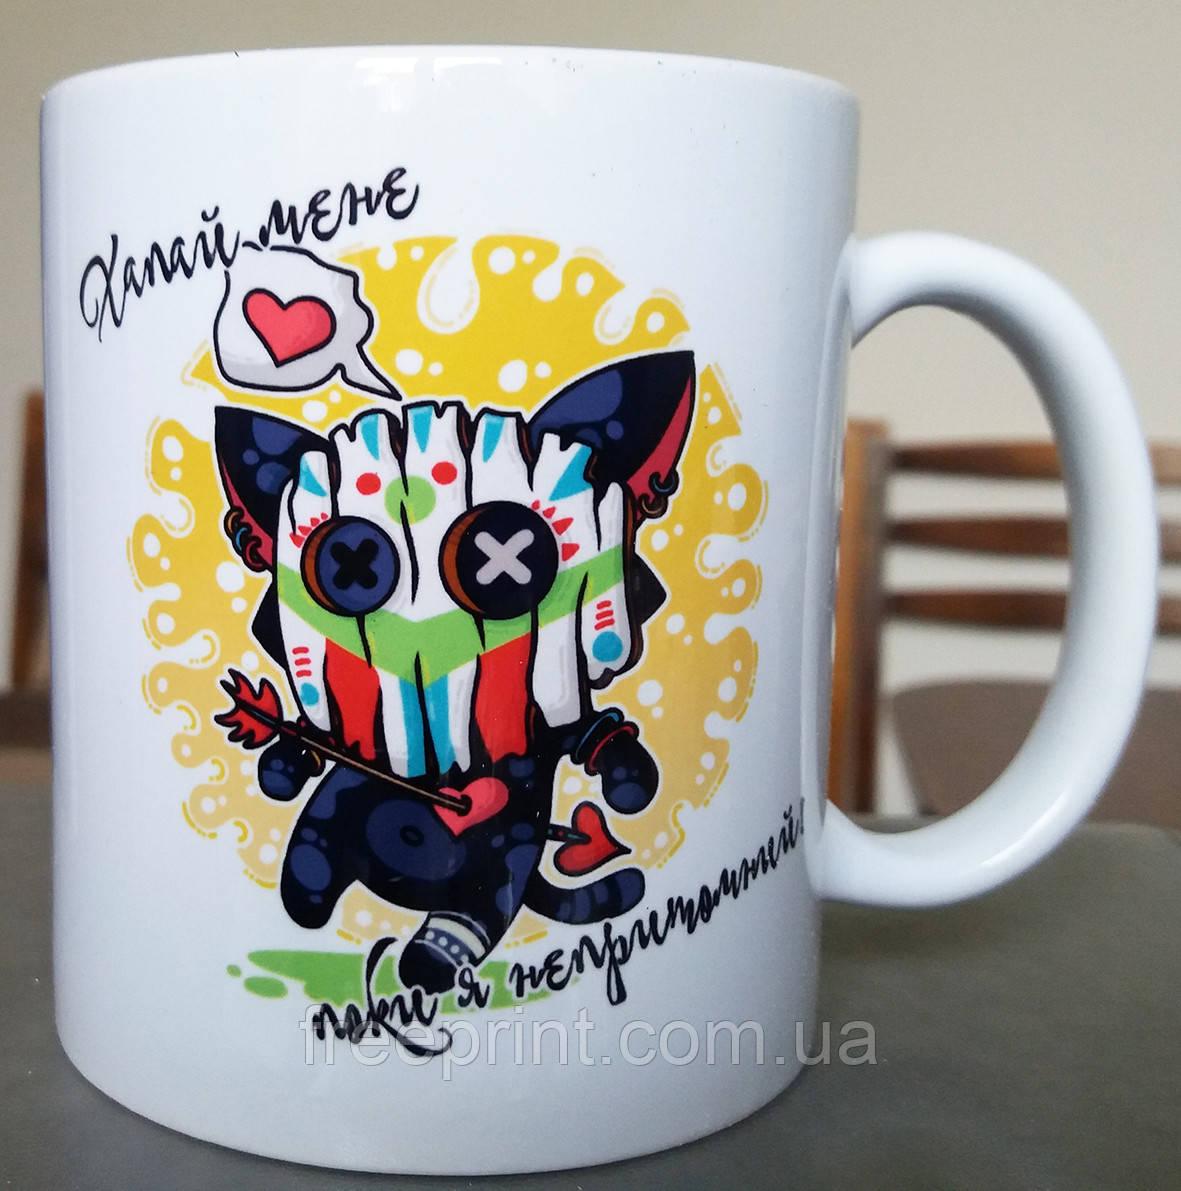 """Чашка """"Хапай мене, поки я непритомний"""". Печать на чашках, кружках. Нанесение логотипа на чашку"""